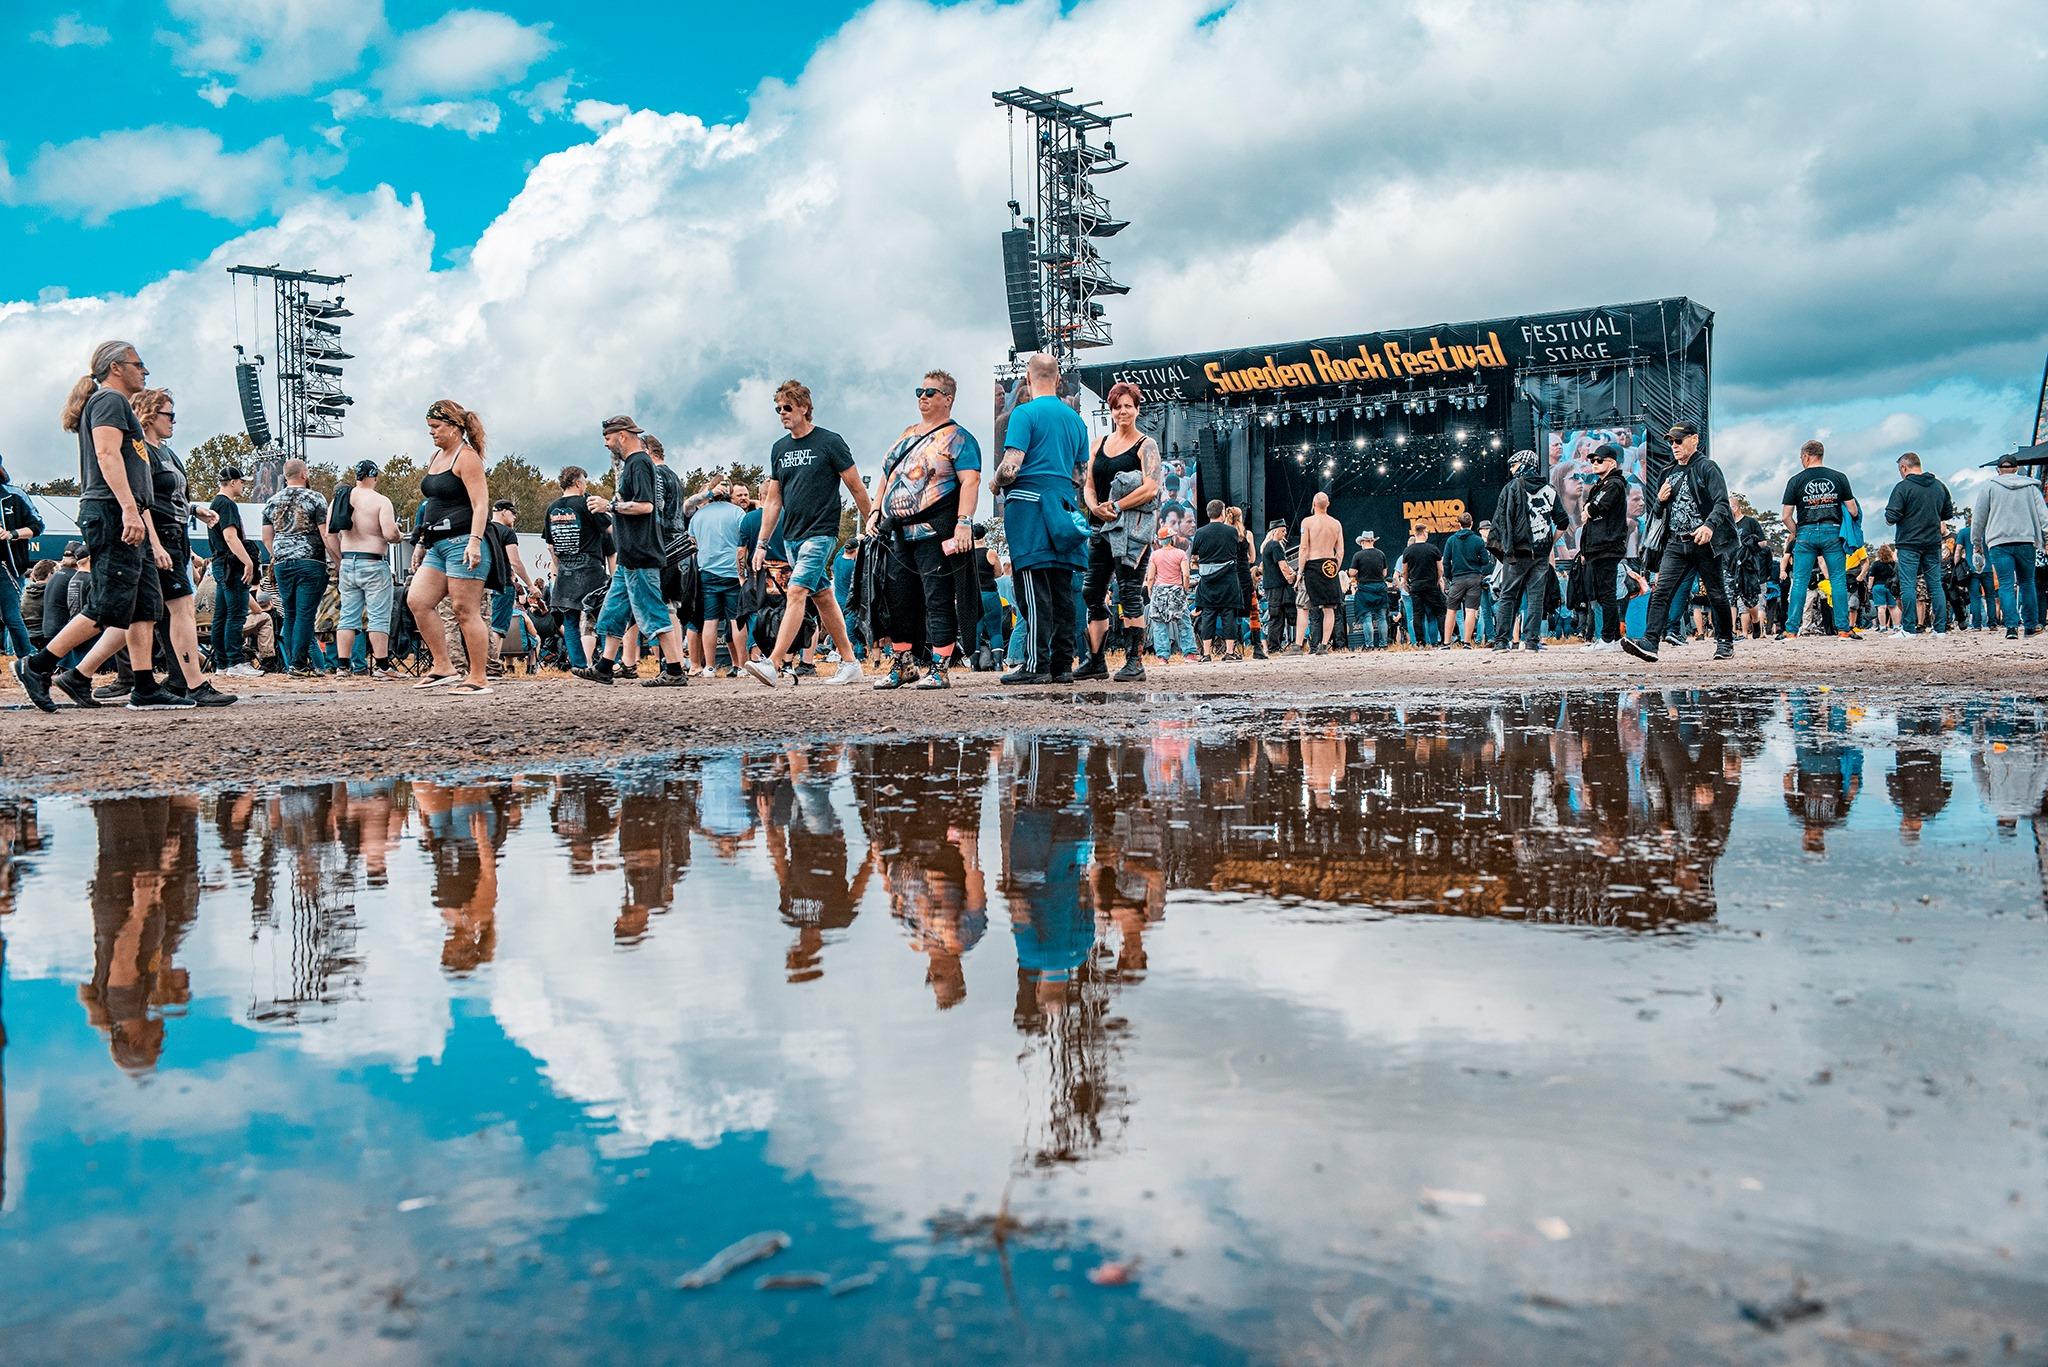 sweden rock 2022 pic 2